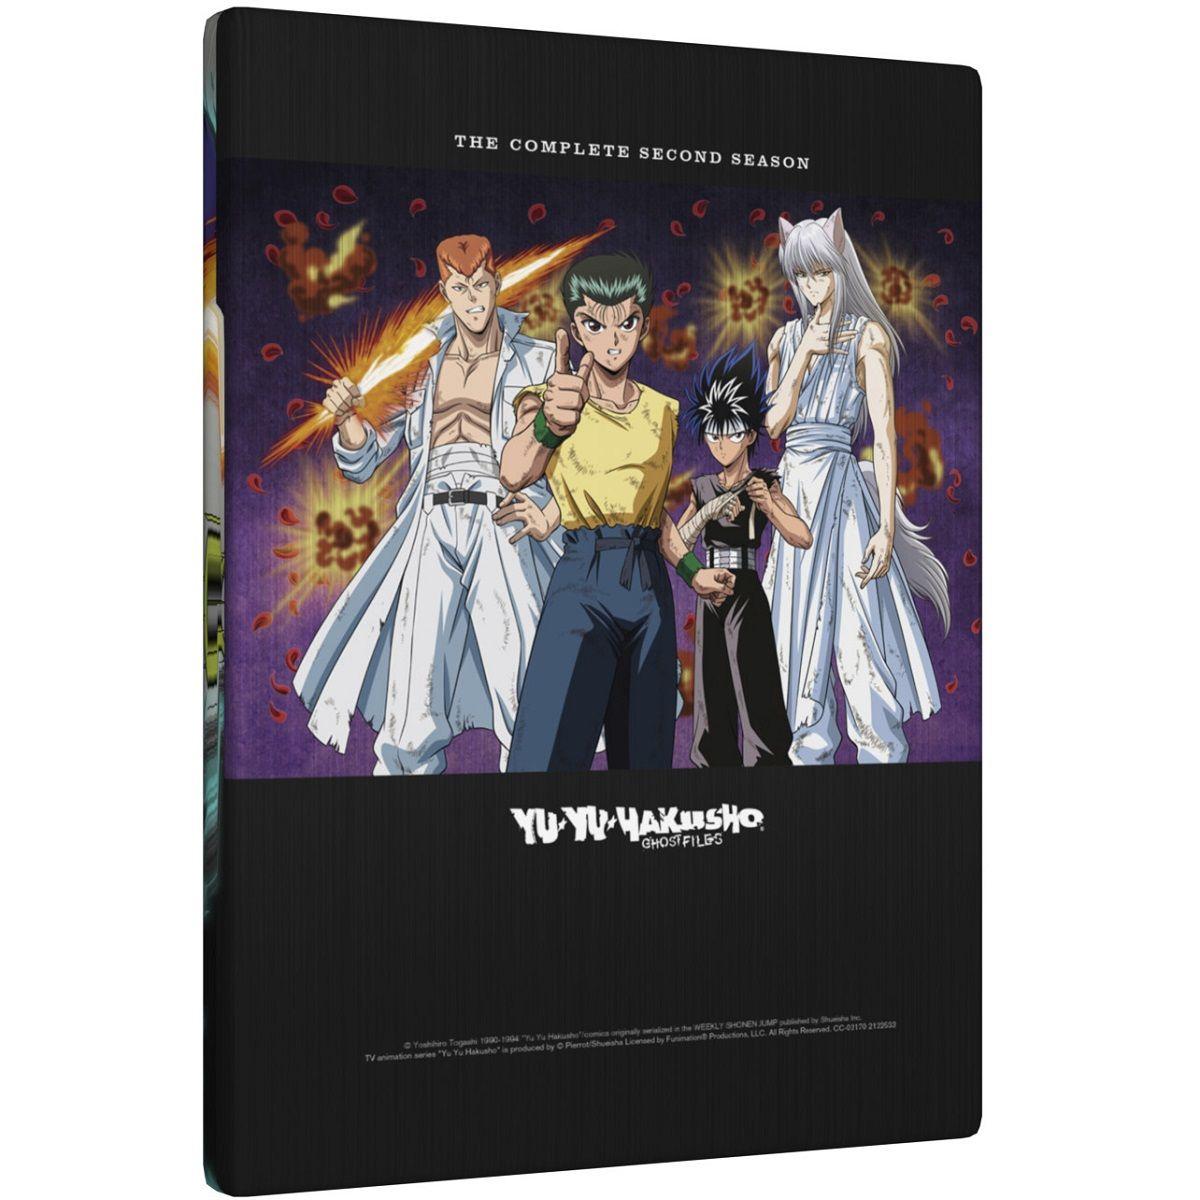 Yu Yu Hakusho Season 2 Steelbook Bluray Seasons, Season